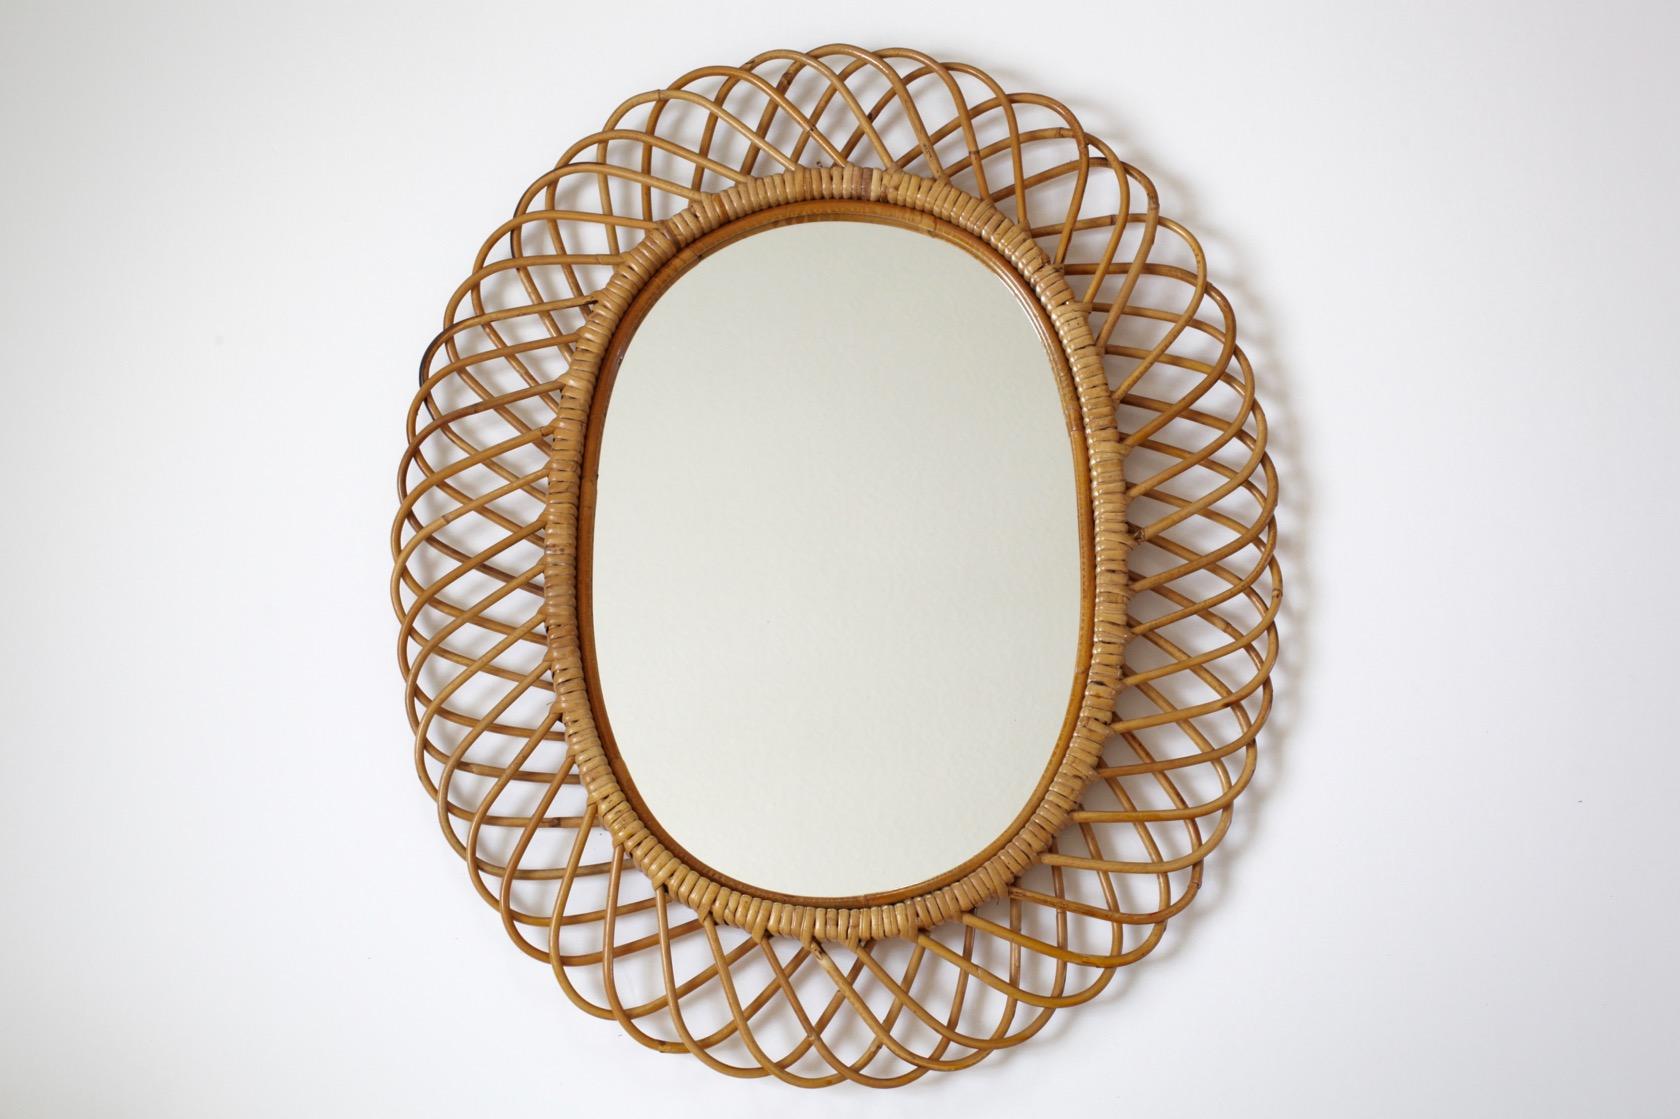 gro er schlaufenspiegel aus bambus raumwunder vintage. Black Bedroom Furniture Sets. Home Design Ideas